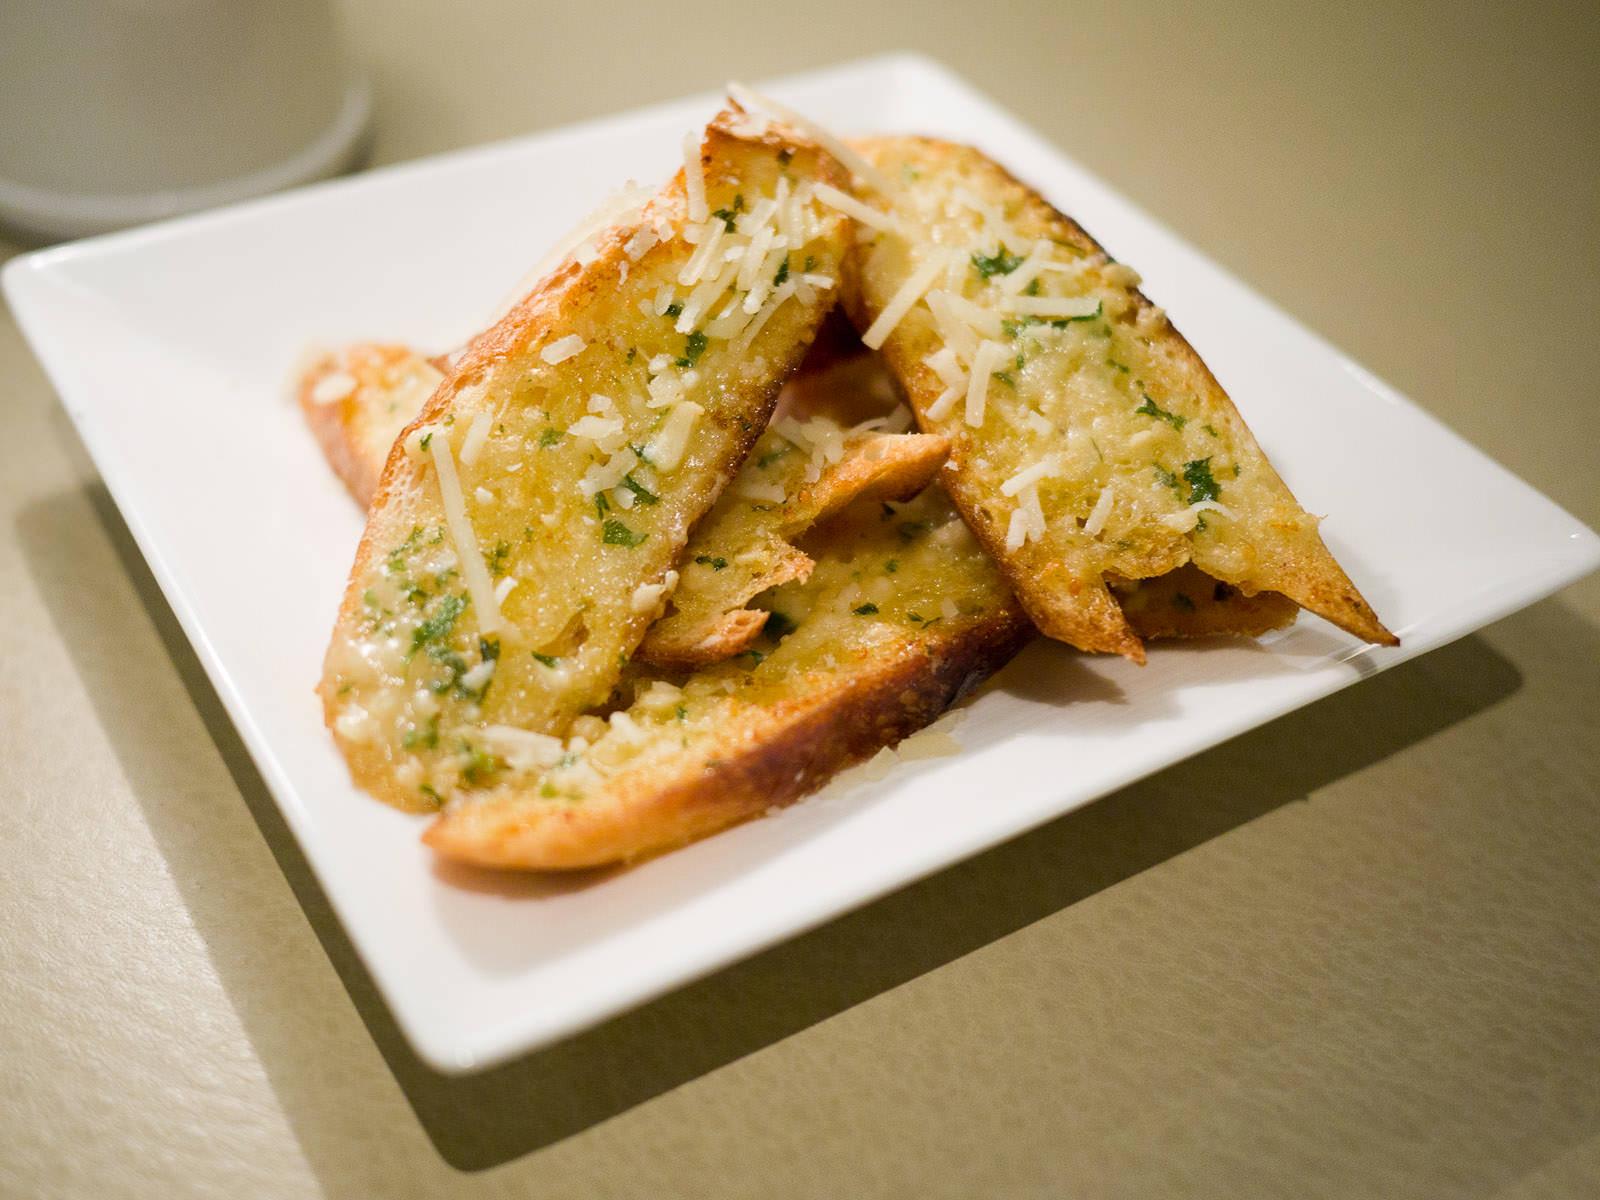 Garlic bread, AU$8